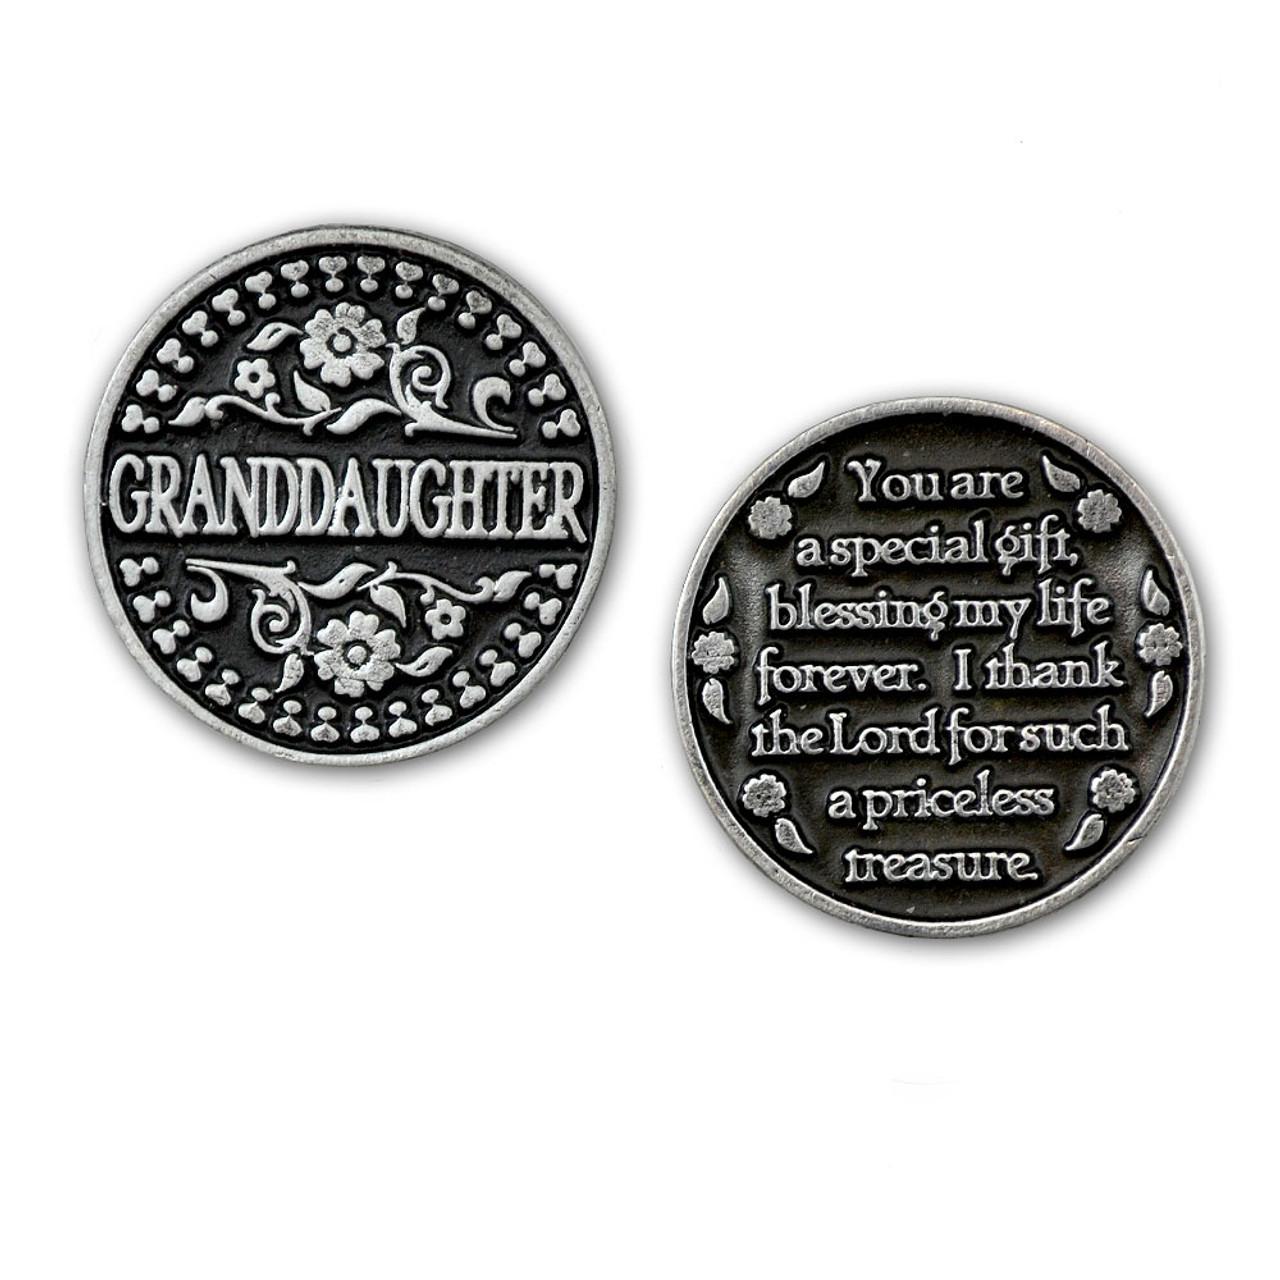 Granddaughter Pocket Token